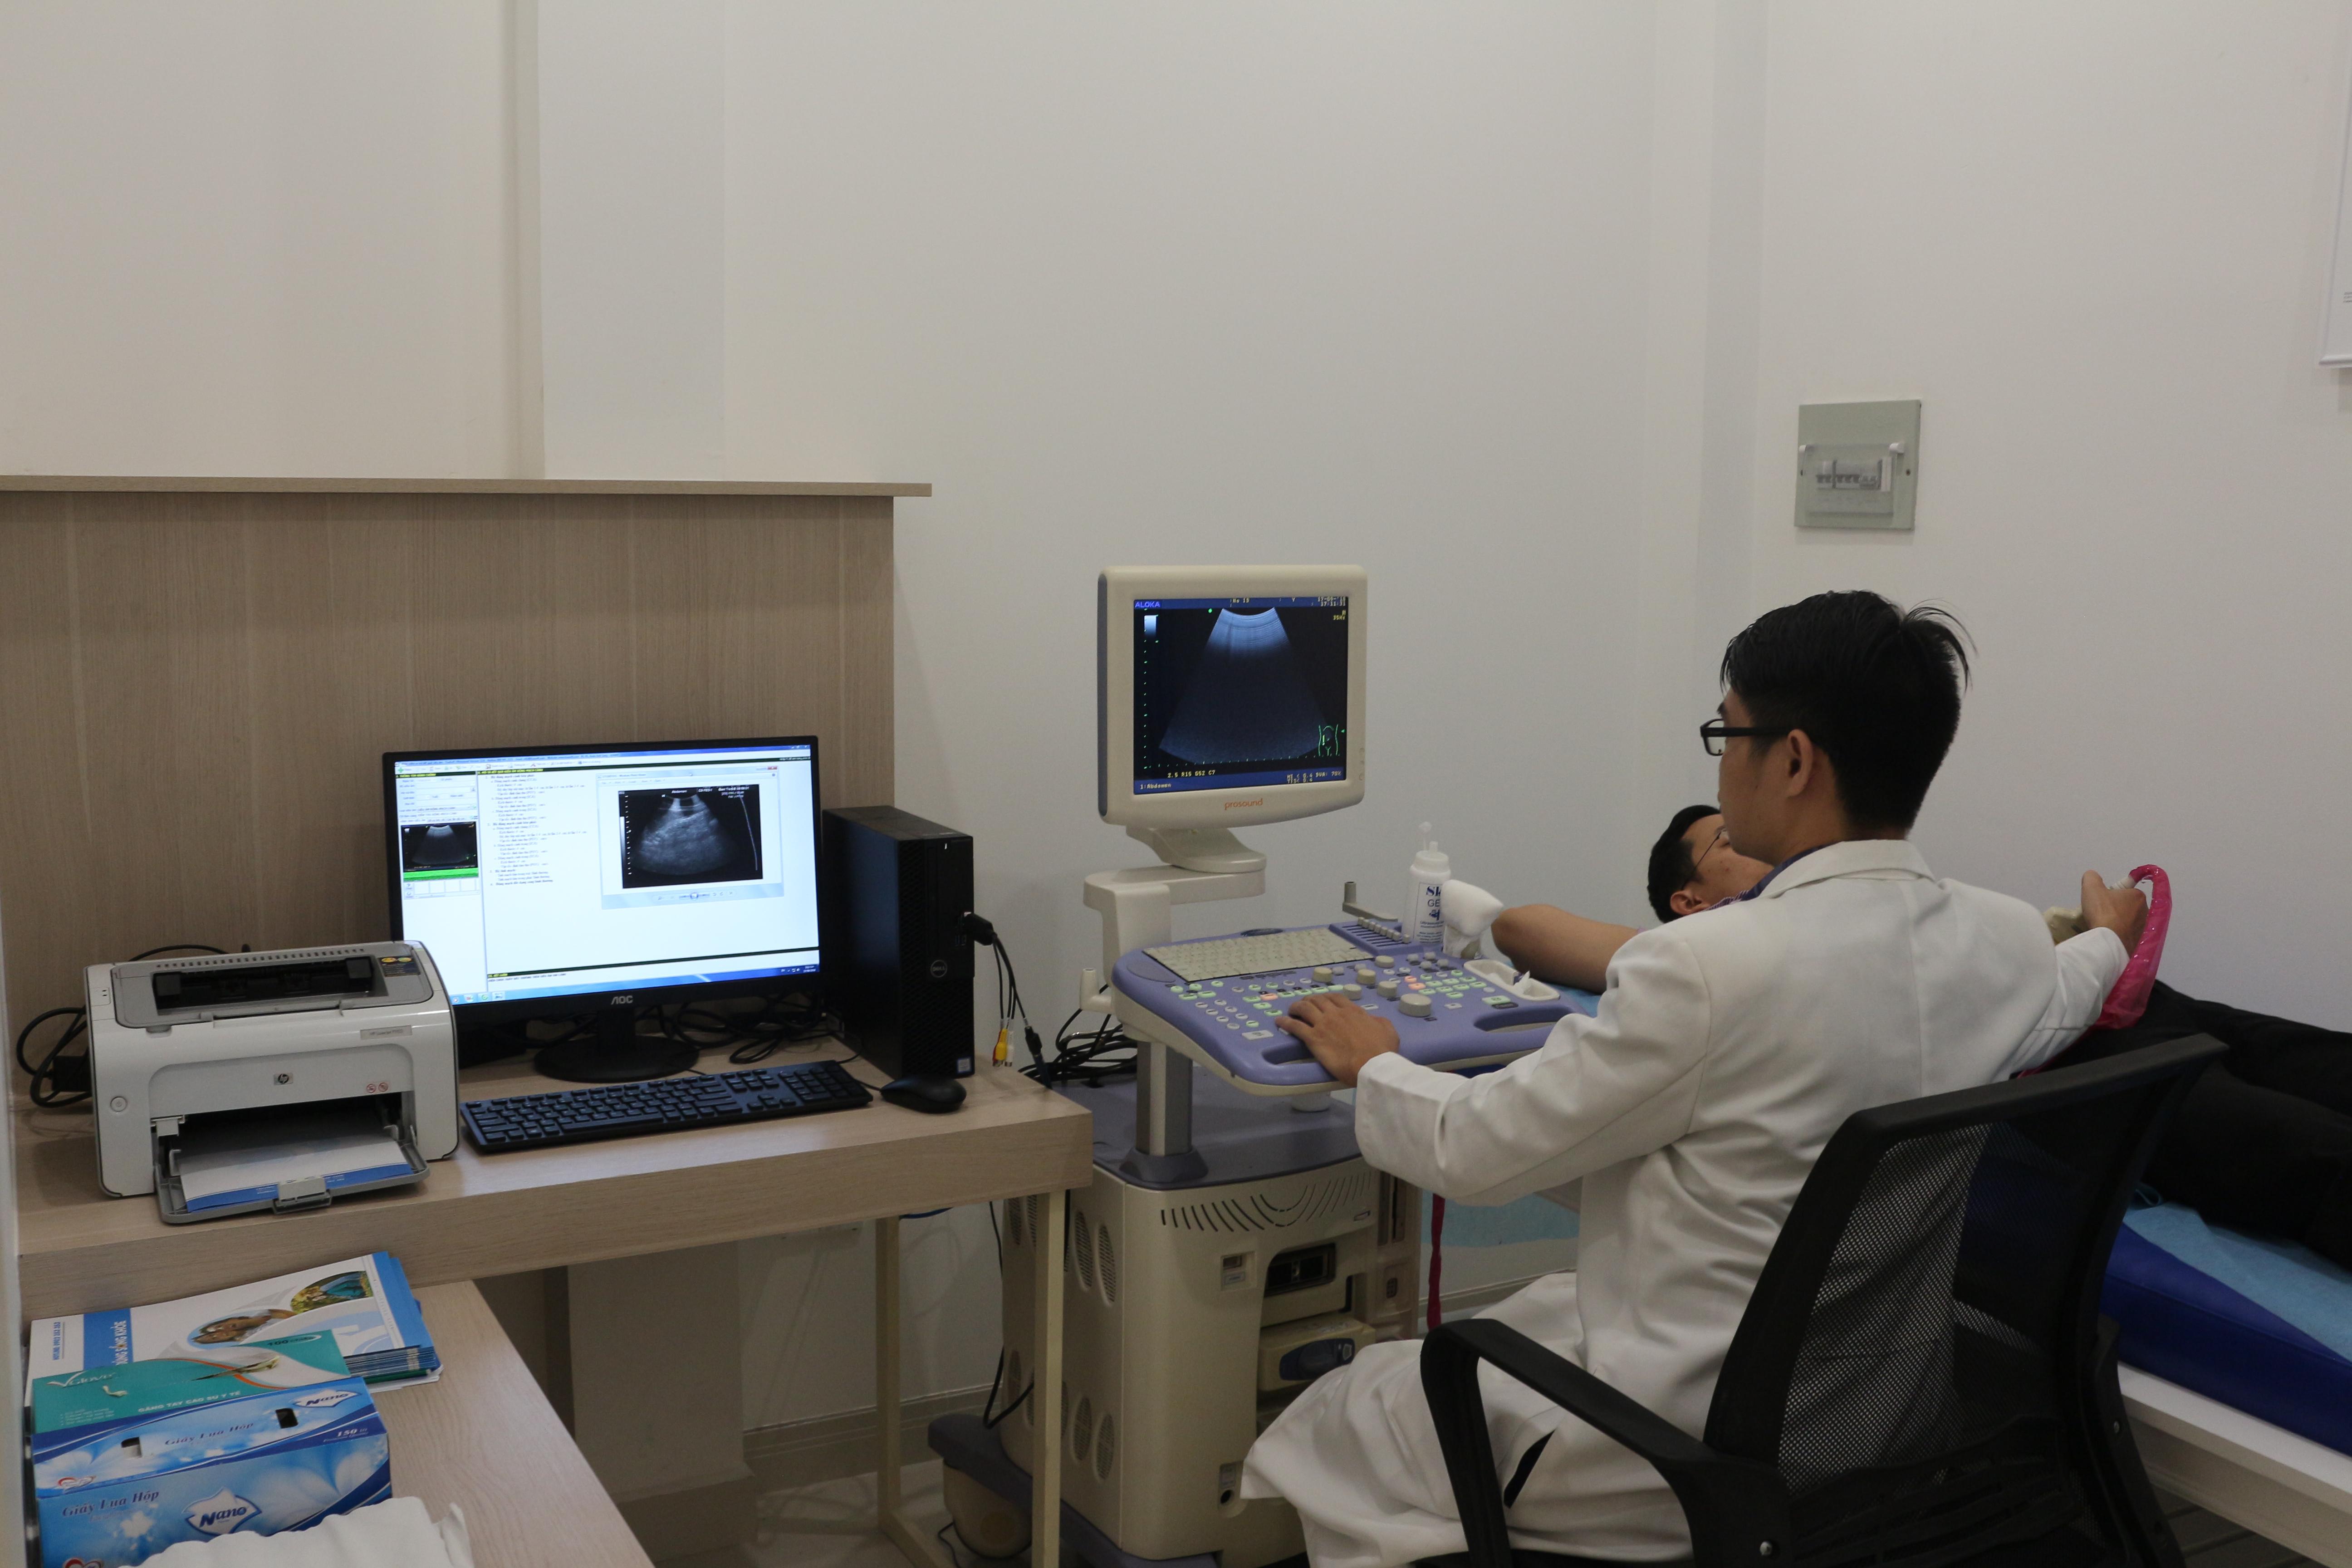 Ung thư tuyến tiền liệt xảy ra khi những tế bào bất thường phát triển trong tuyến tiền liệt. Bệnh ung thư tiền liệt tuyến bệnh học là dạng ung thư khá nguy hiểm.